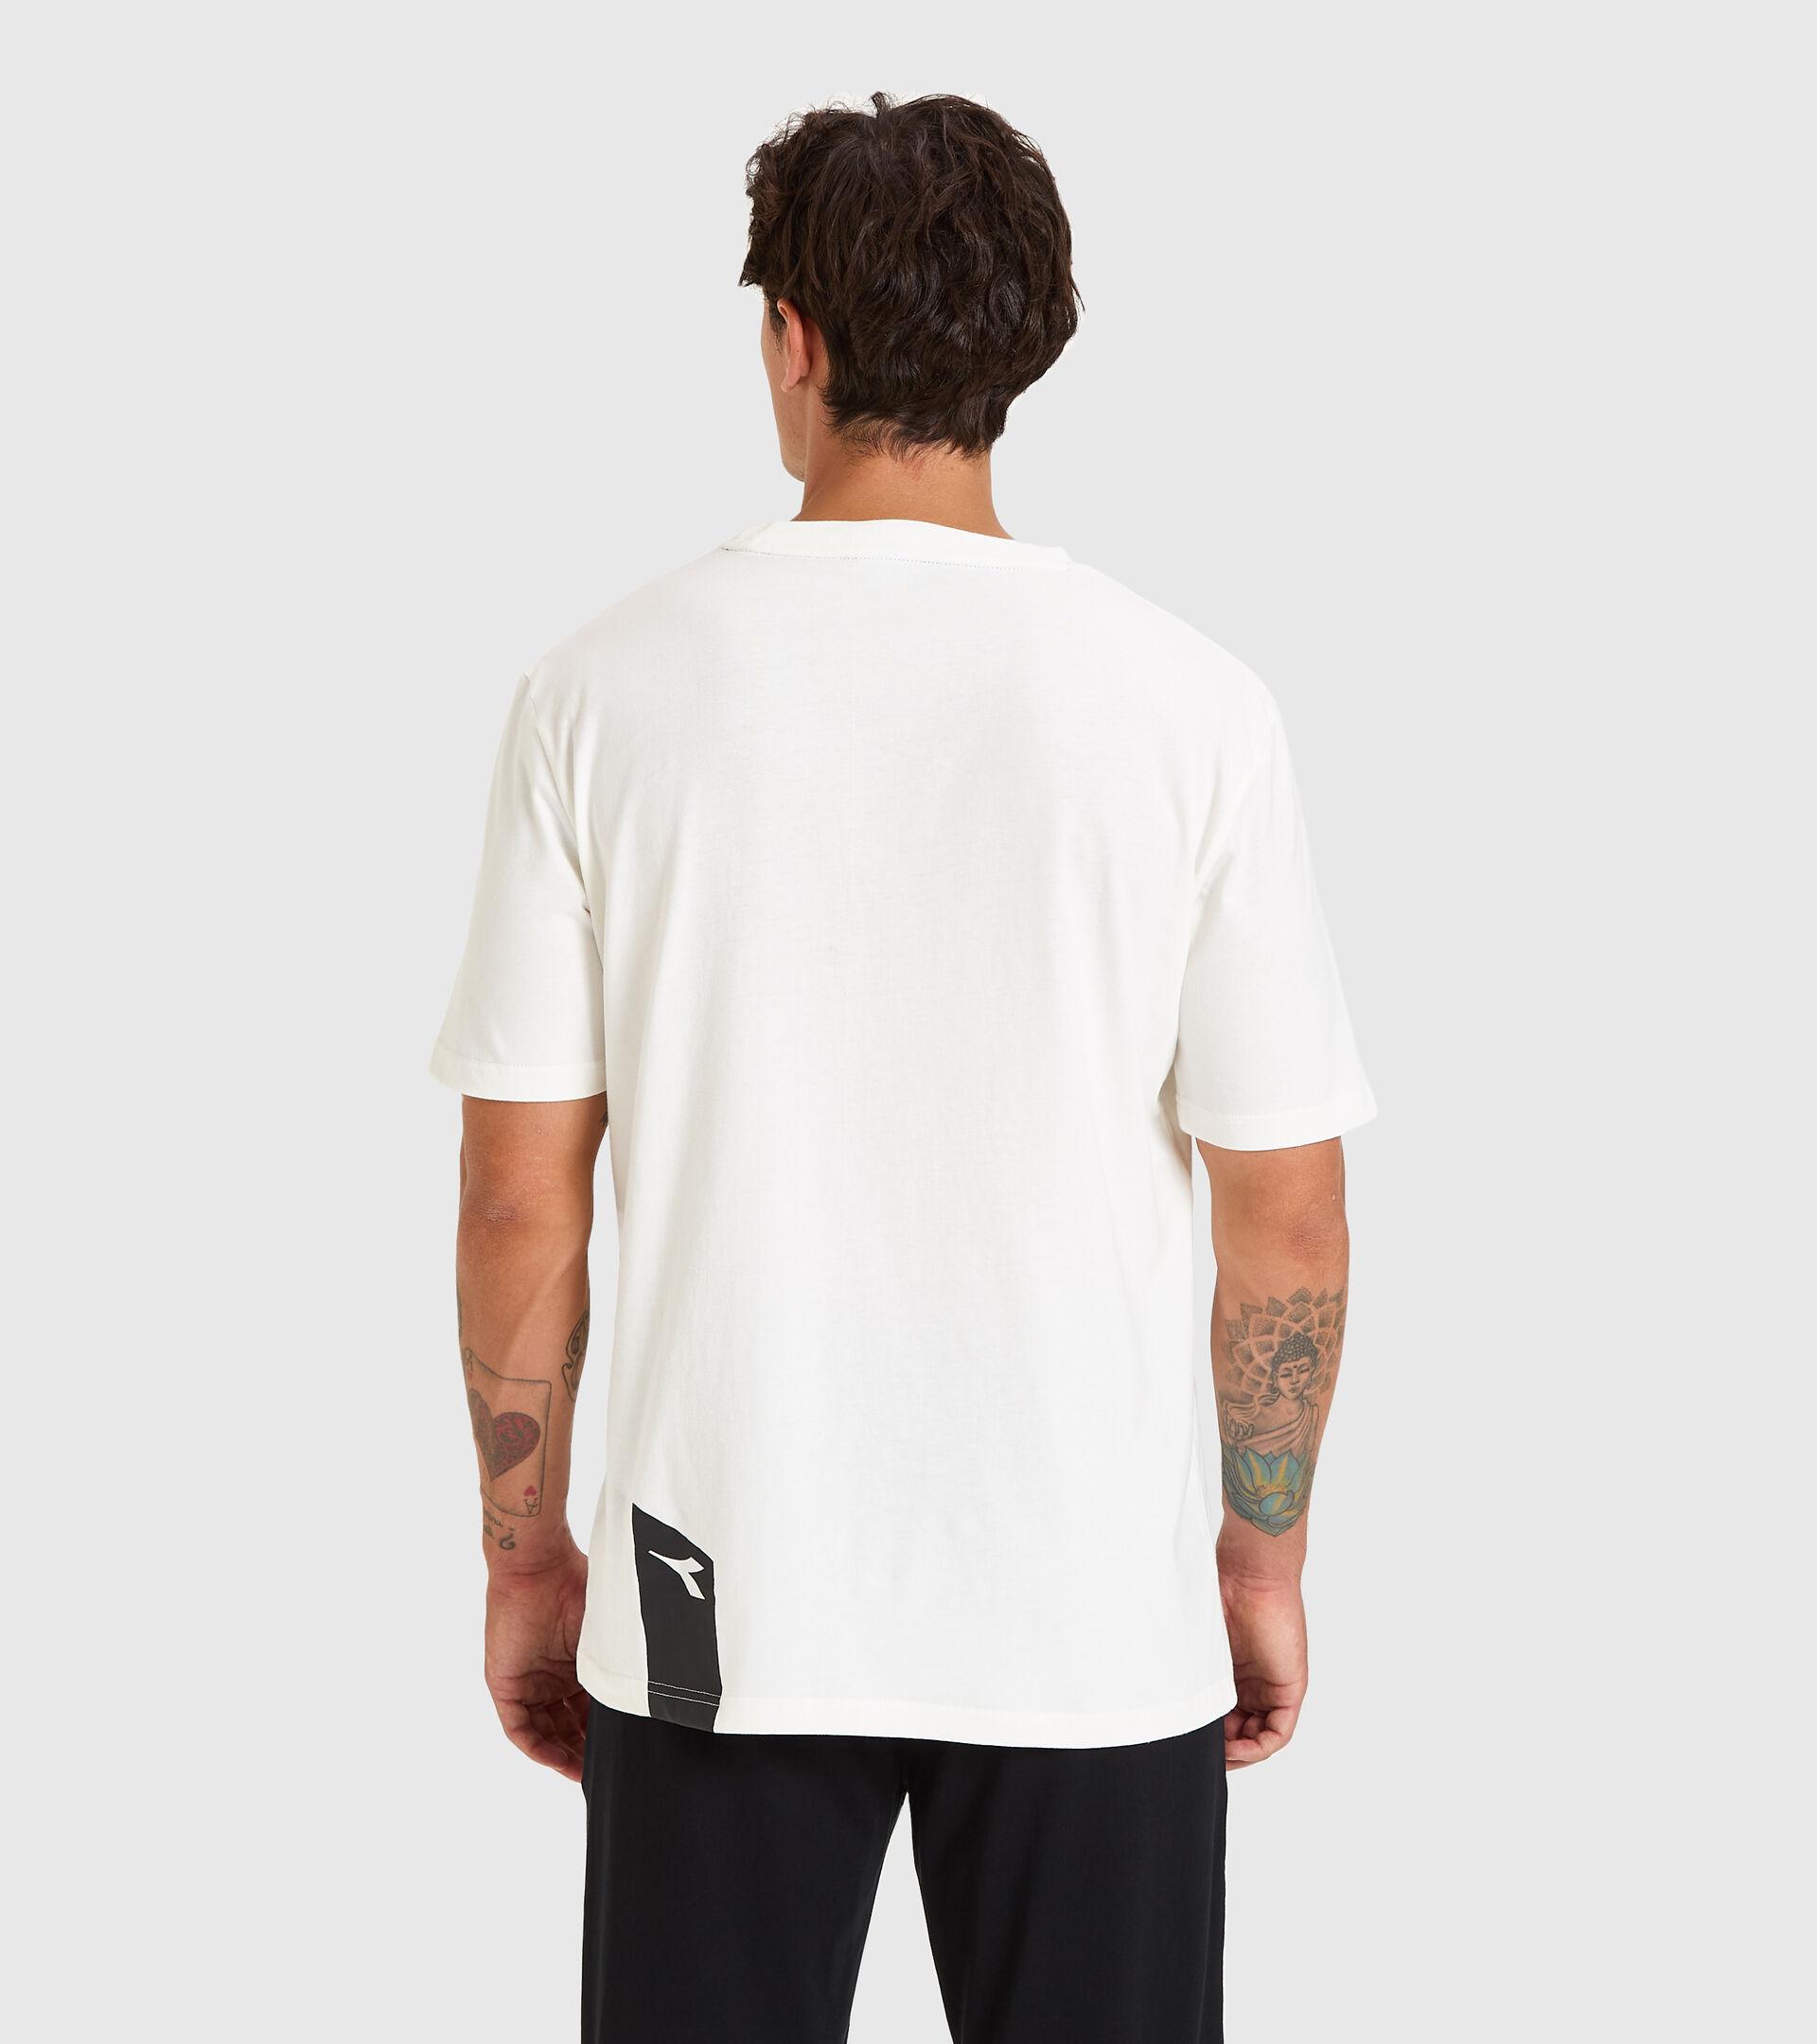 T-shirt - Unisex T-SHIRT SS ICON MARSHMALLOW WEISS - Diadora